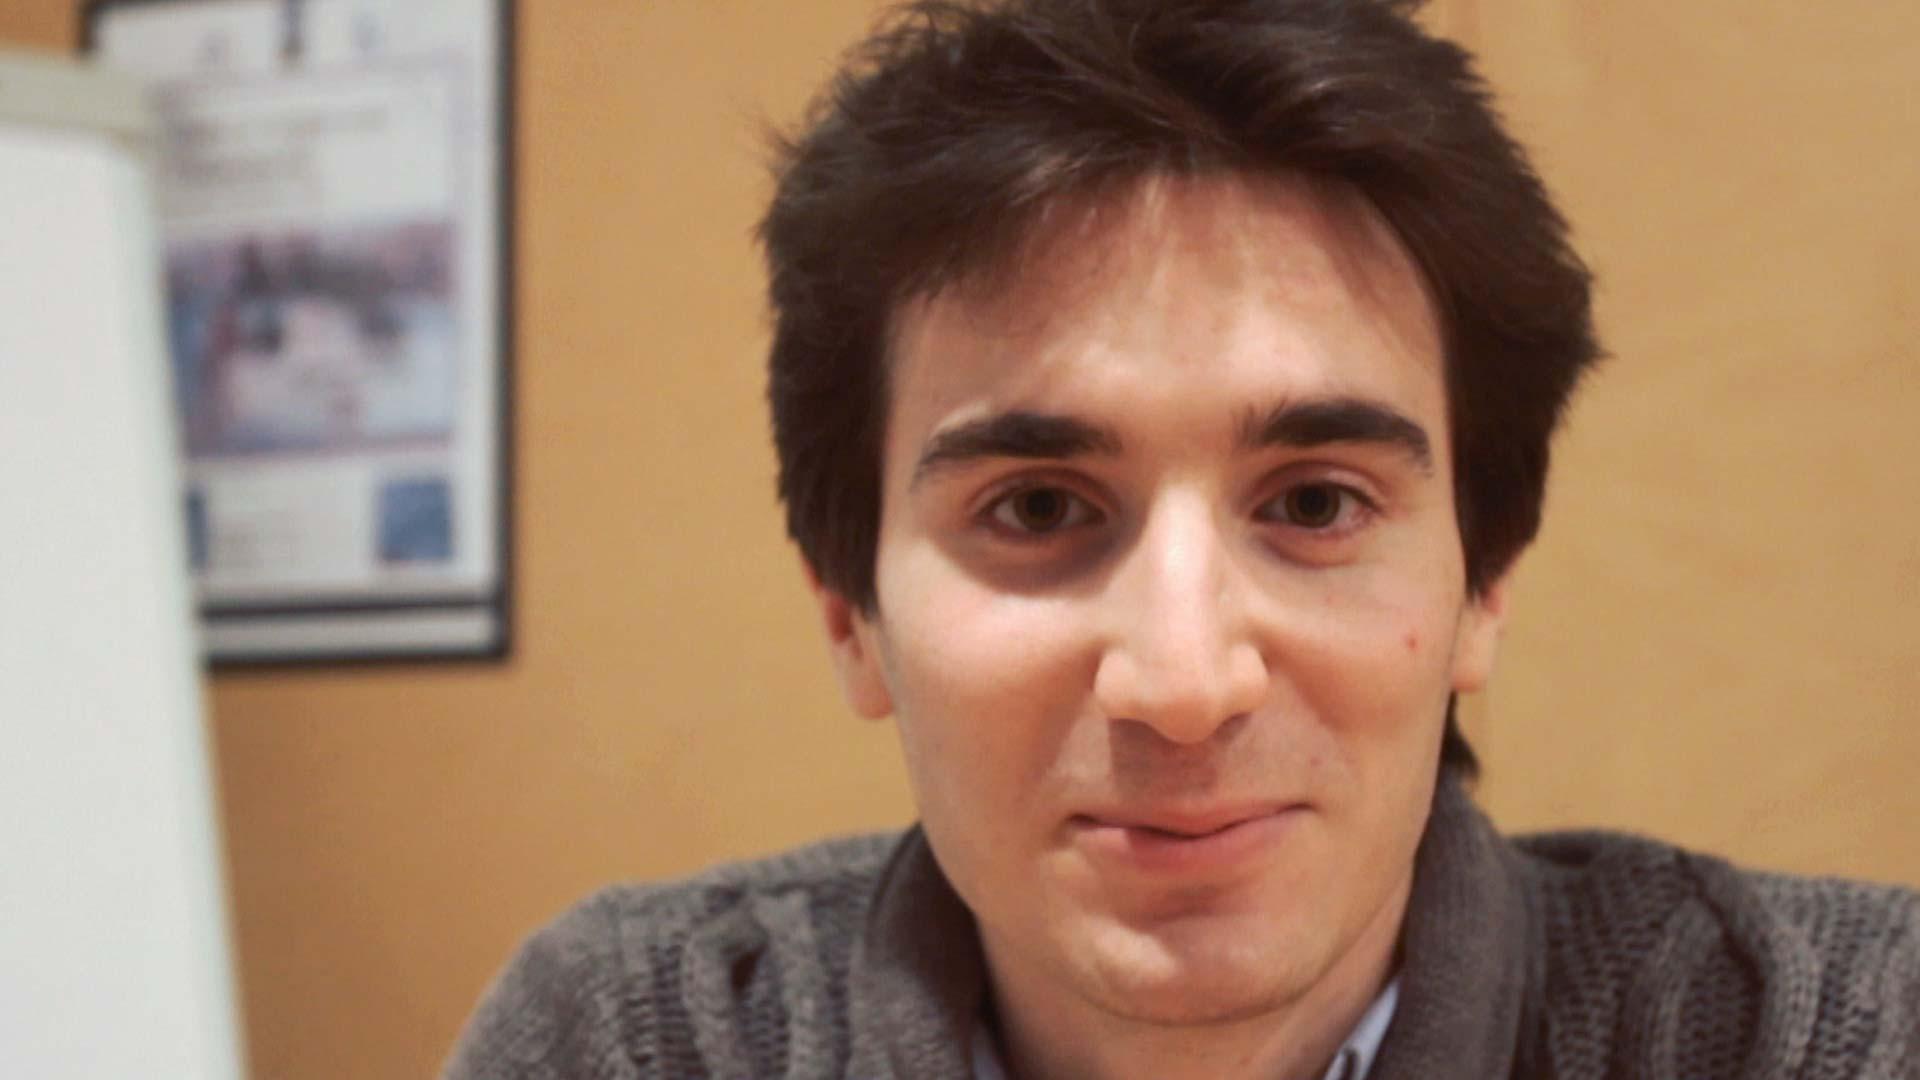 La storia di Luca - Smettere di balbettare - Video testimonianza